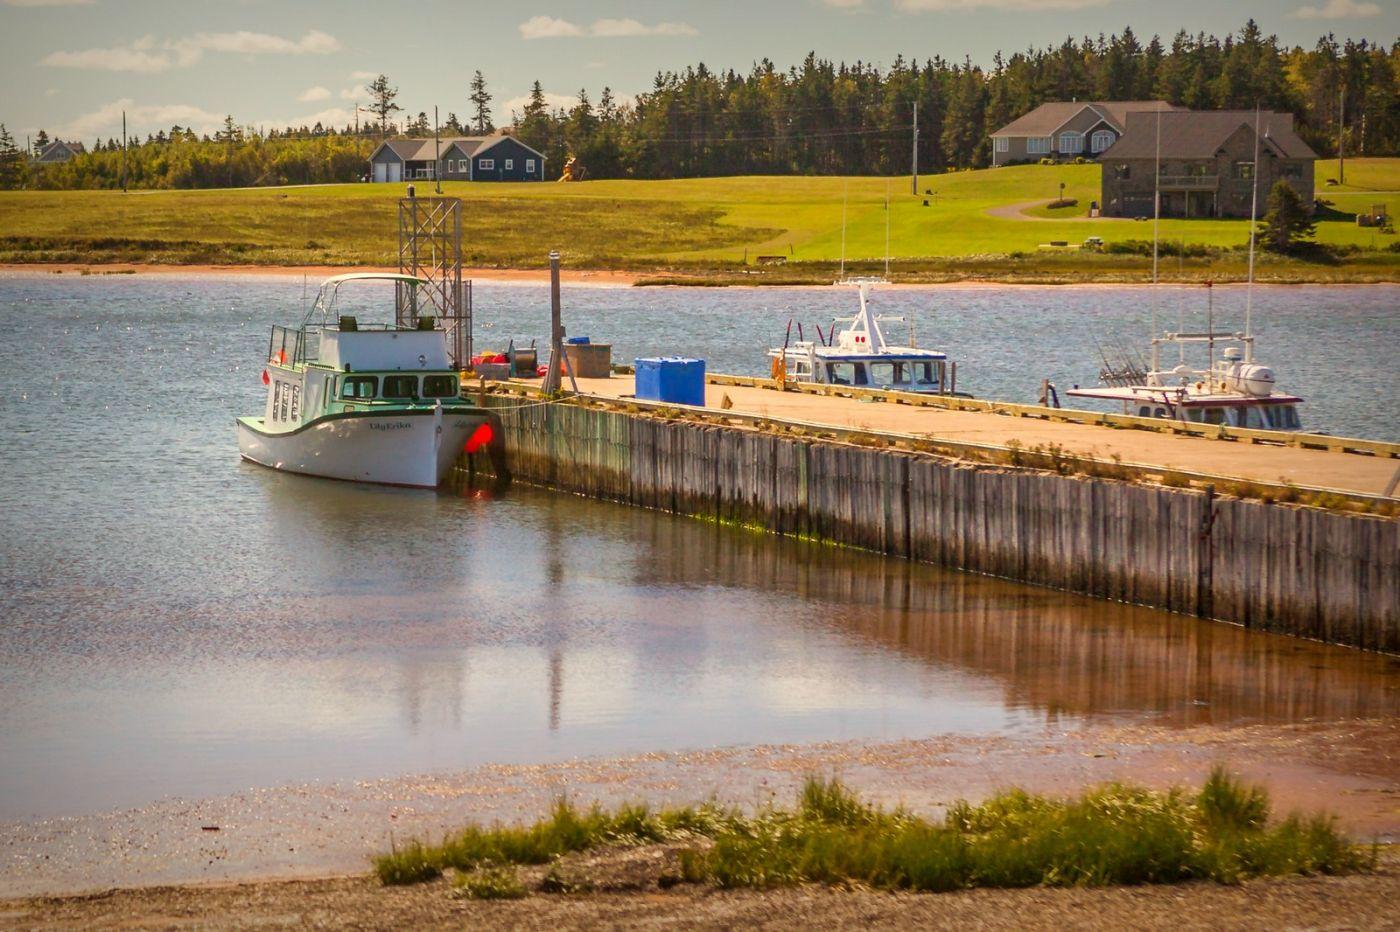 加拿大旅途,乡村的幸福生活_图1-20